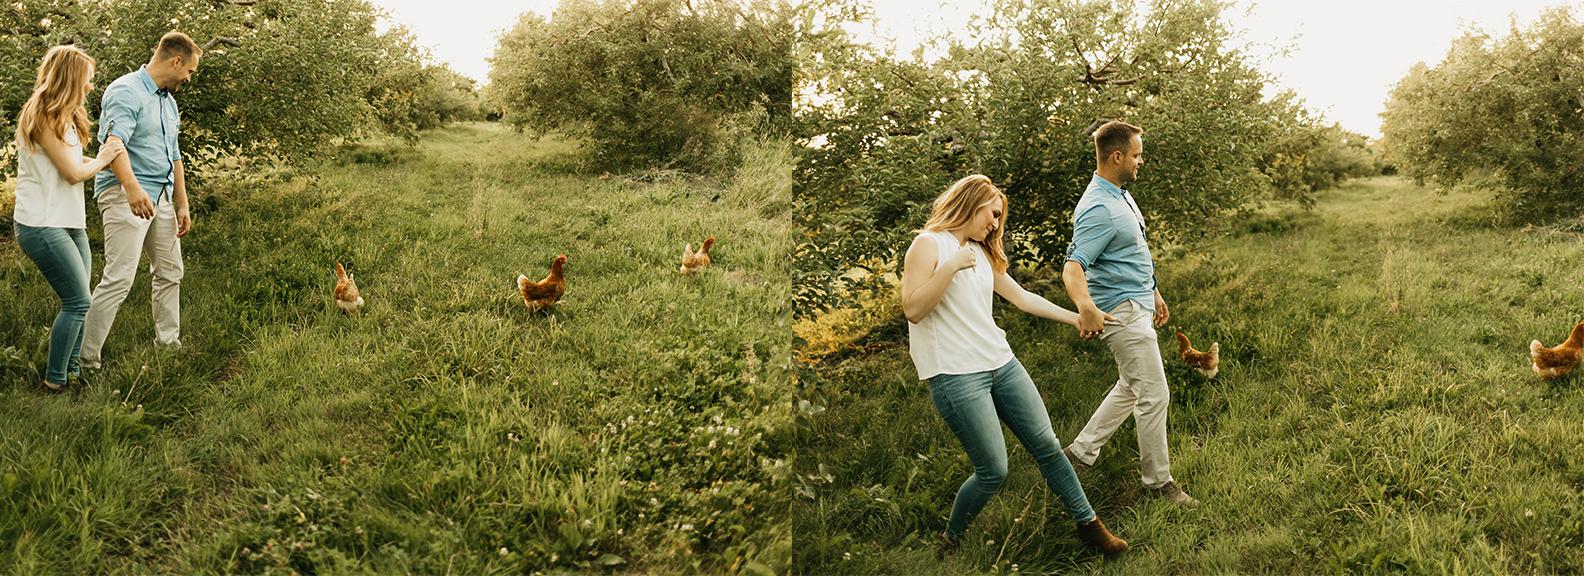 Engagement-shoot-Mont-saint-hilaire-québec-08.jpg